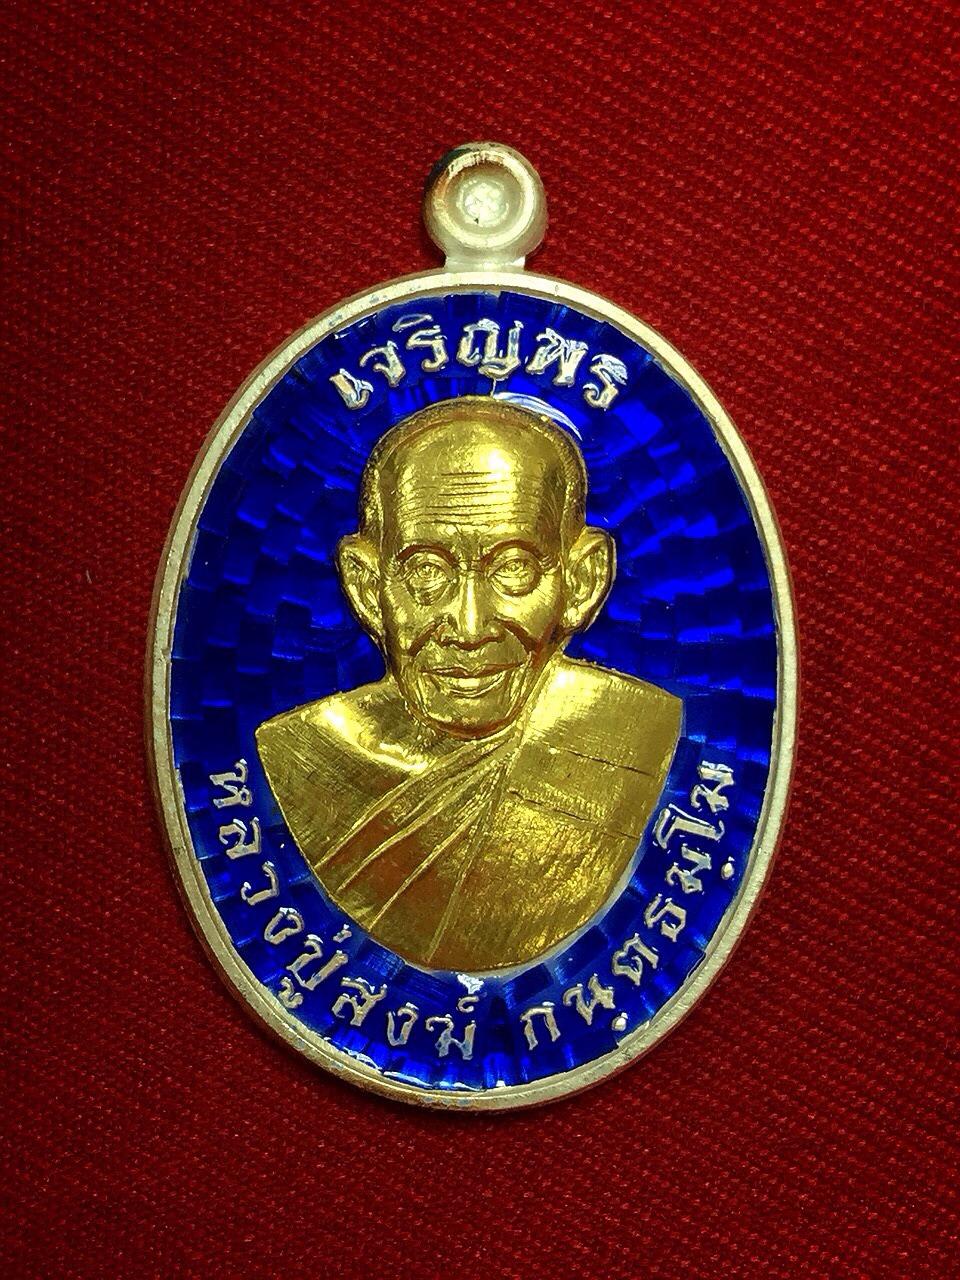 เหรียญ เจริญพร ไตรมาส57 เนื้อเงินลงยาน้ำเงินหน้ากากทองคำ หลวงปู่สงฆ์ วัดบ้านทราย